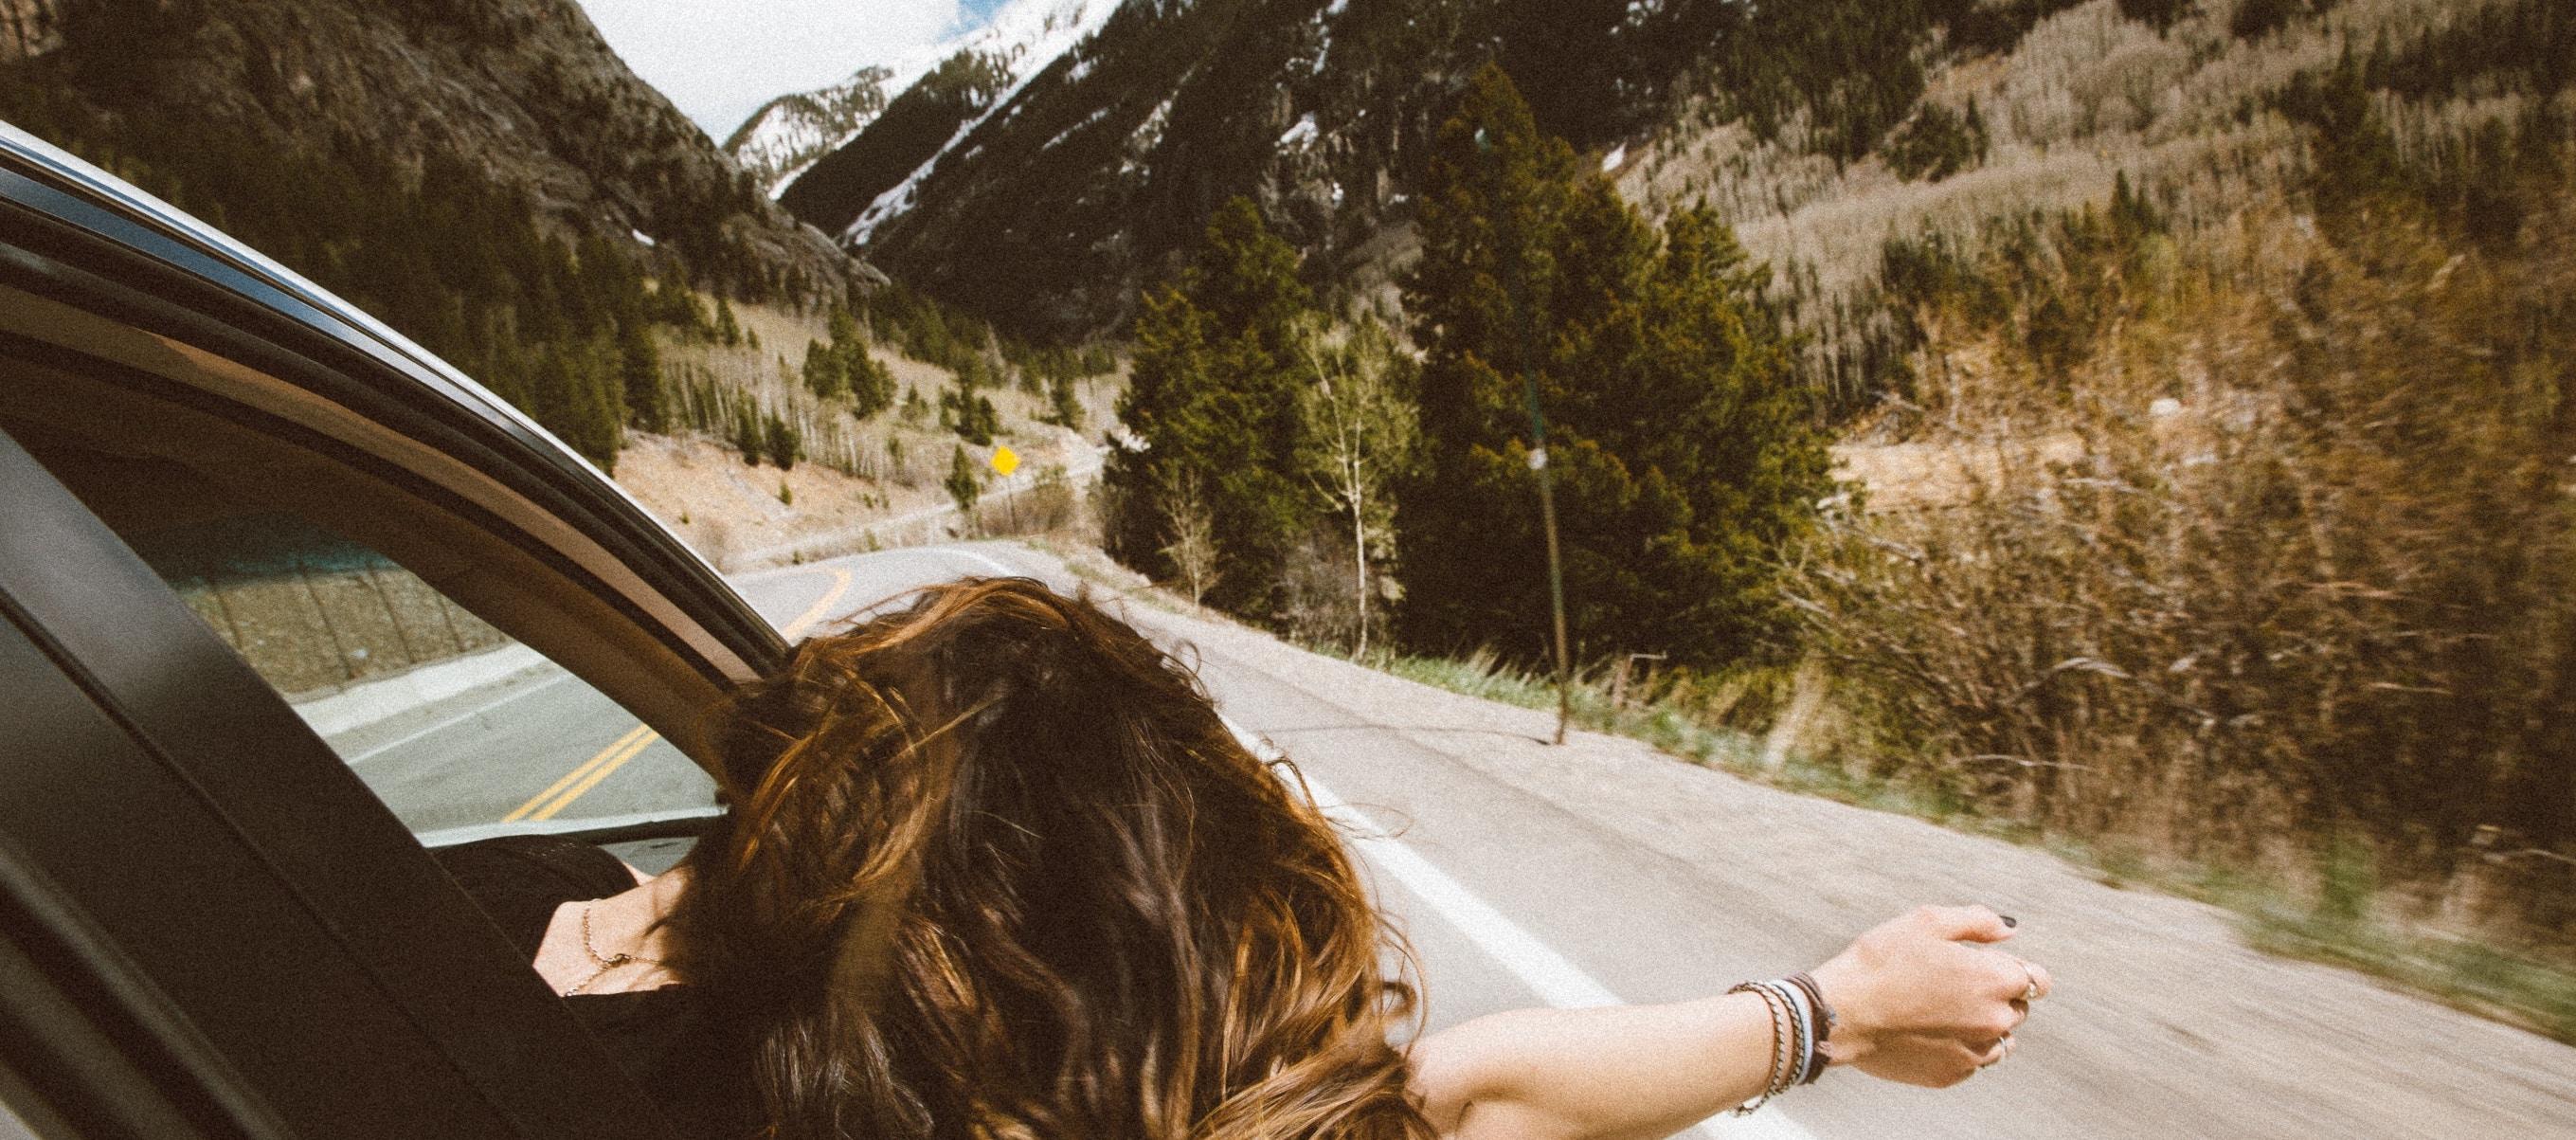 Astuces pour passer de belles vacances avec votre véhicule